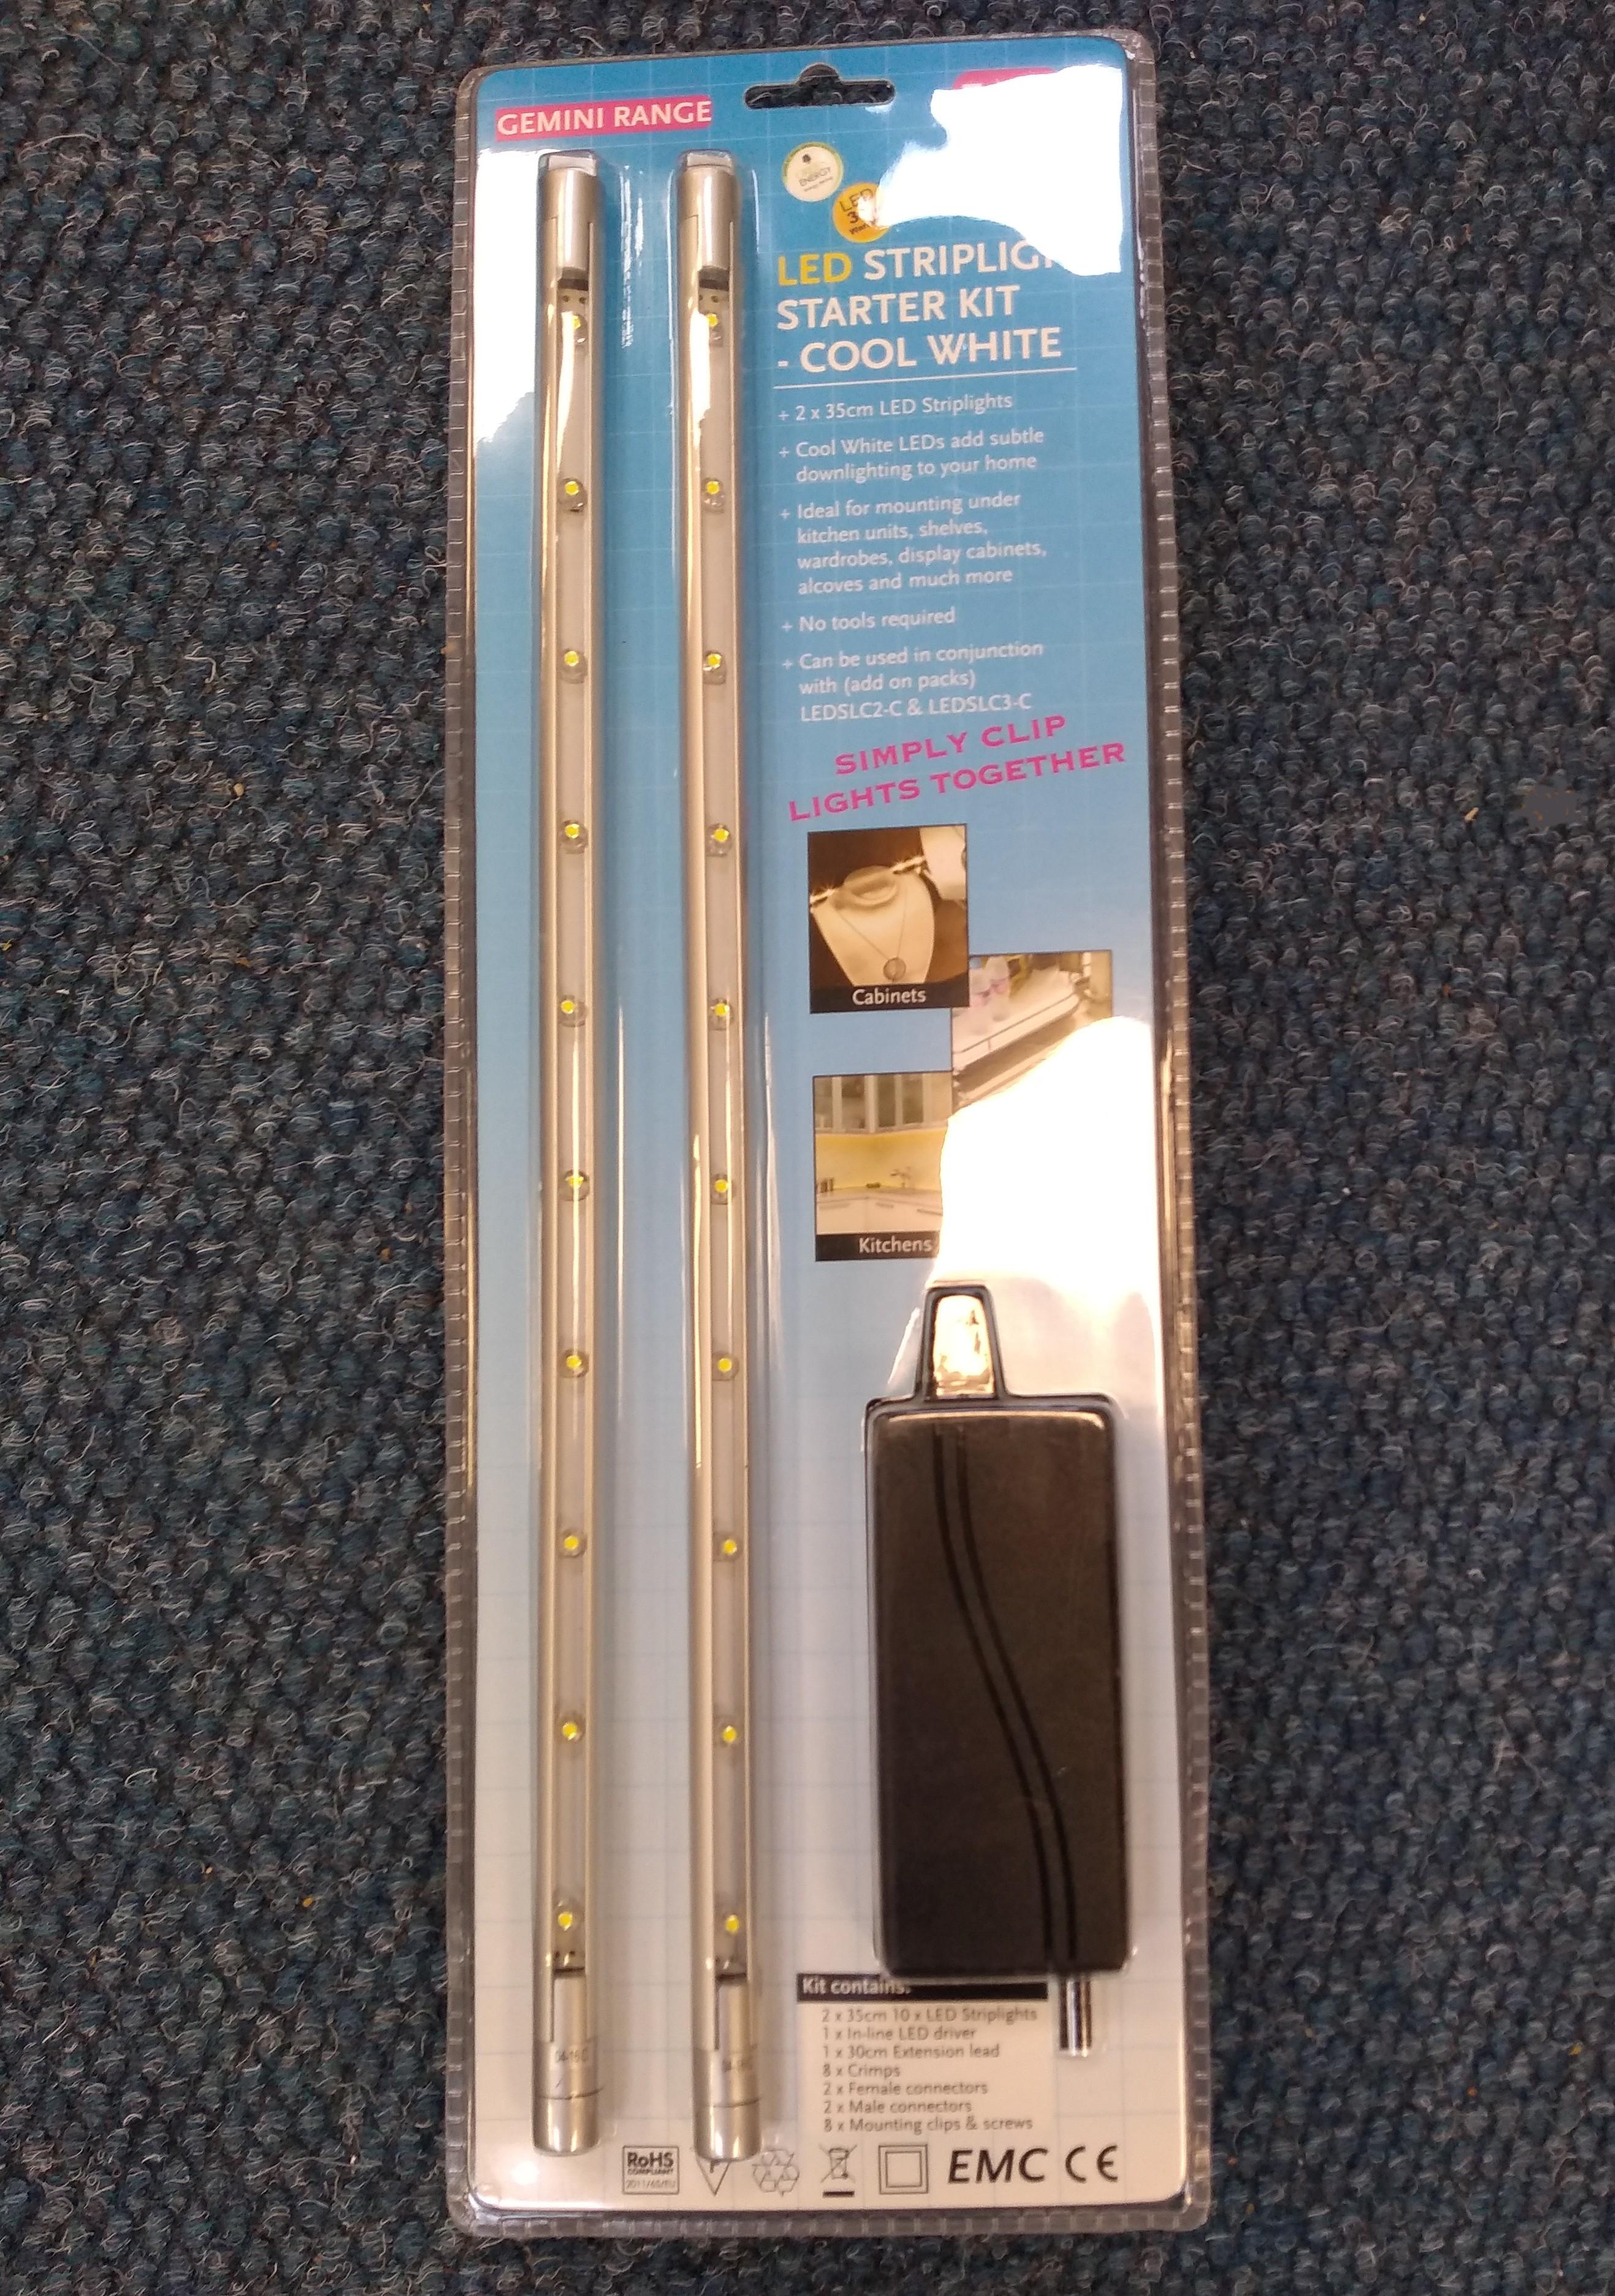 GreenBrook KingShield LEDSLC1-C LED Striplight Starter Kit- Cool White - Buy online or in store from John Cribb & Sons Ltd